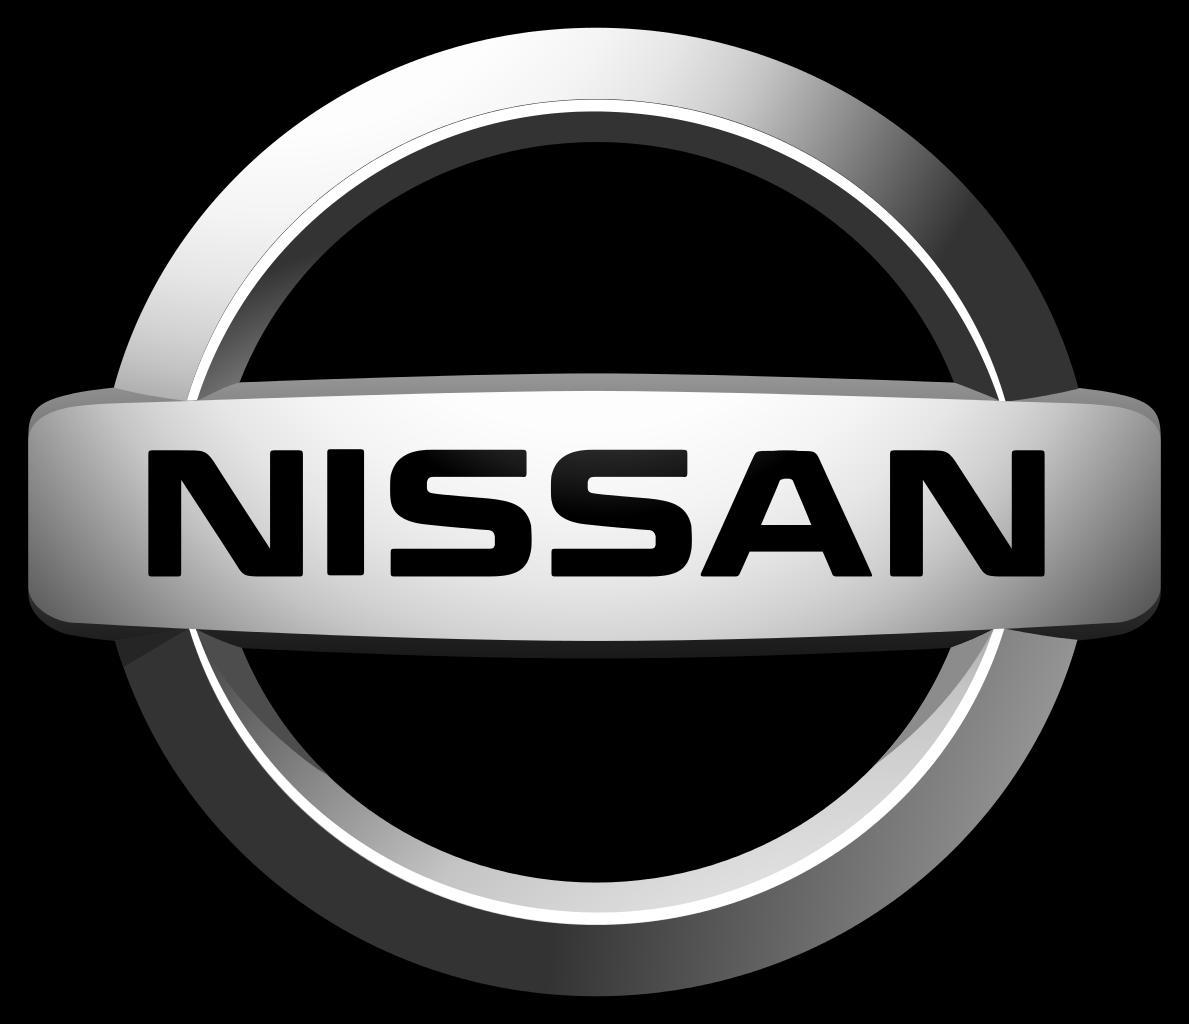 Nissan Power Valve Screws Lawsuit Settlement Reached Carcomplaints Com